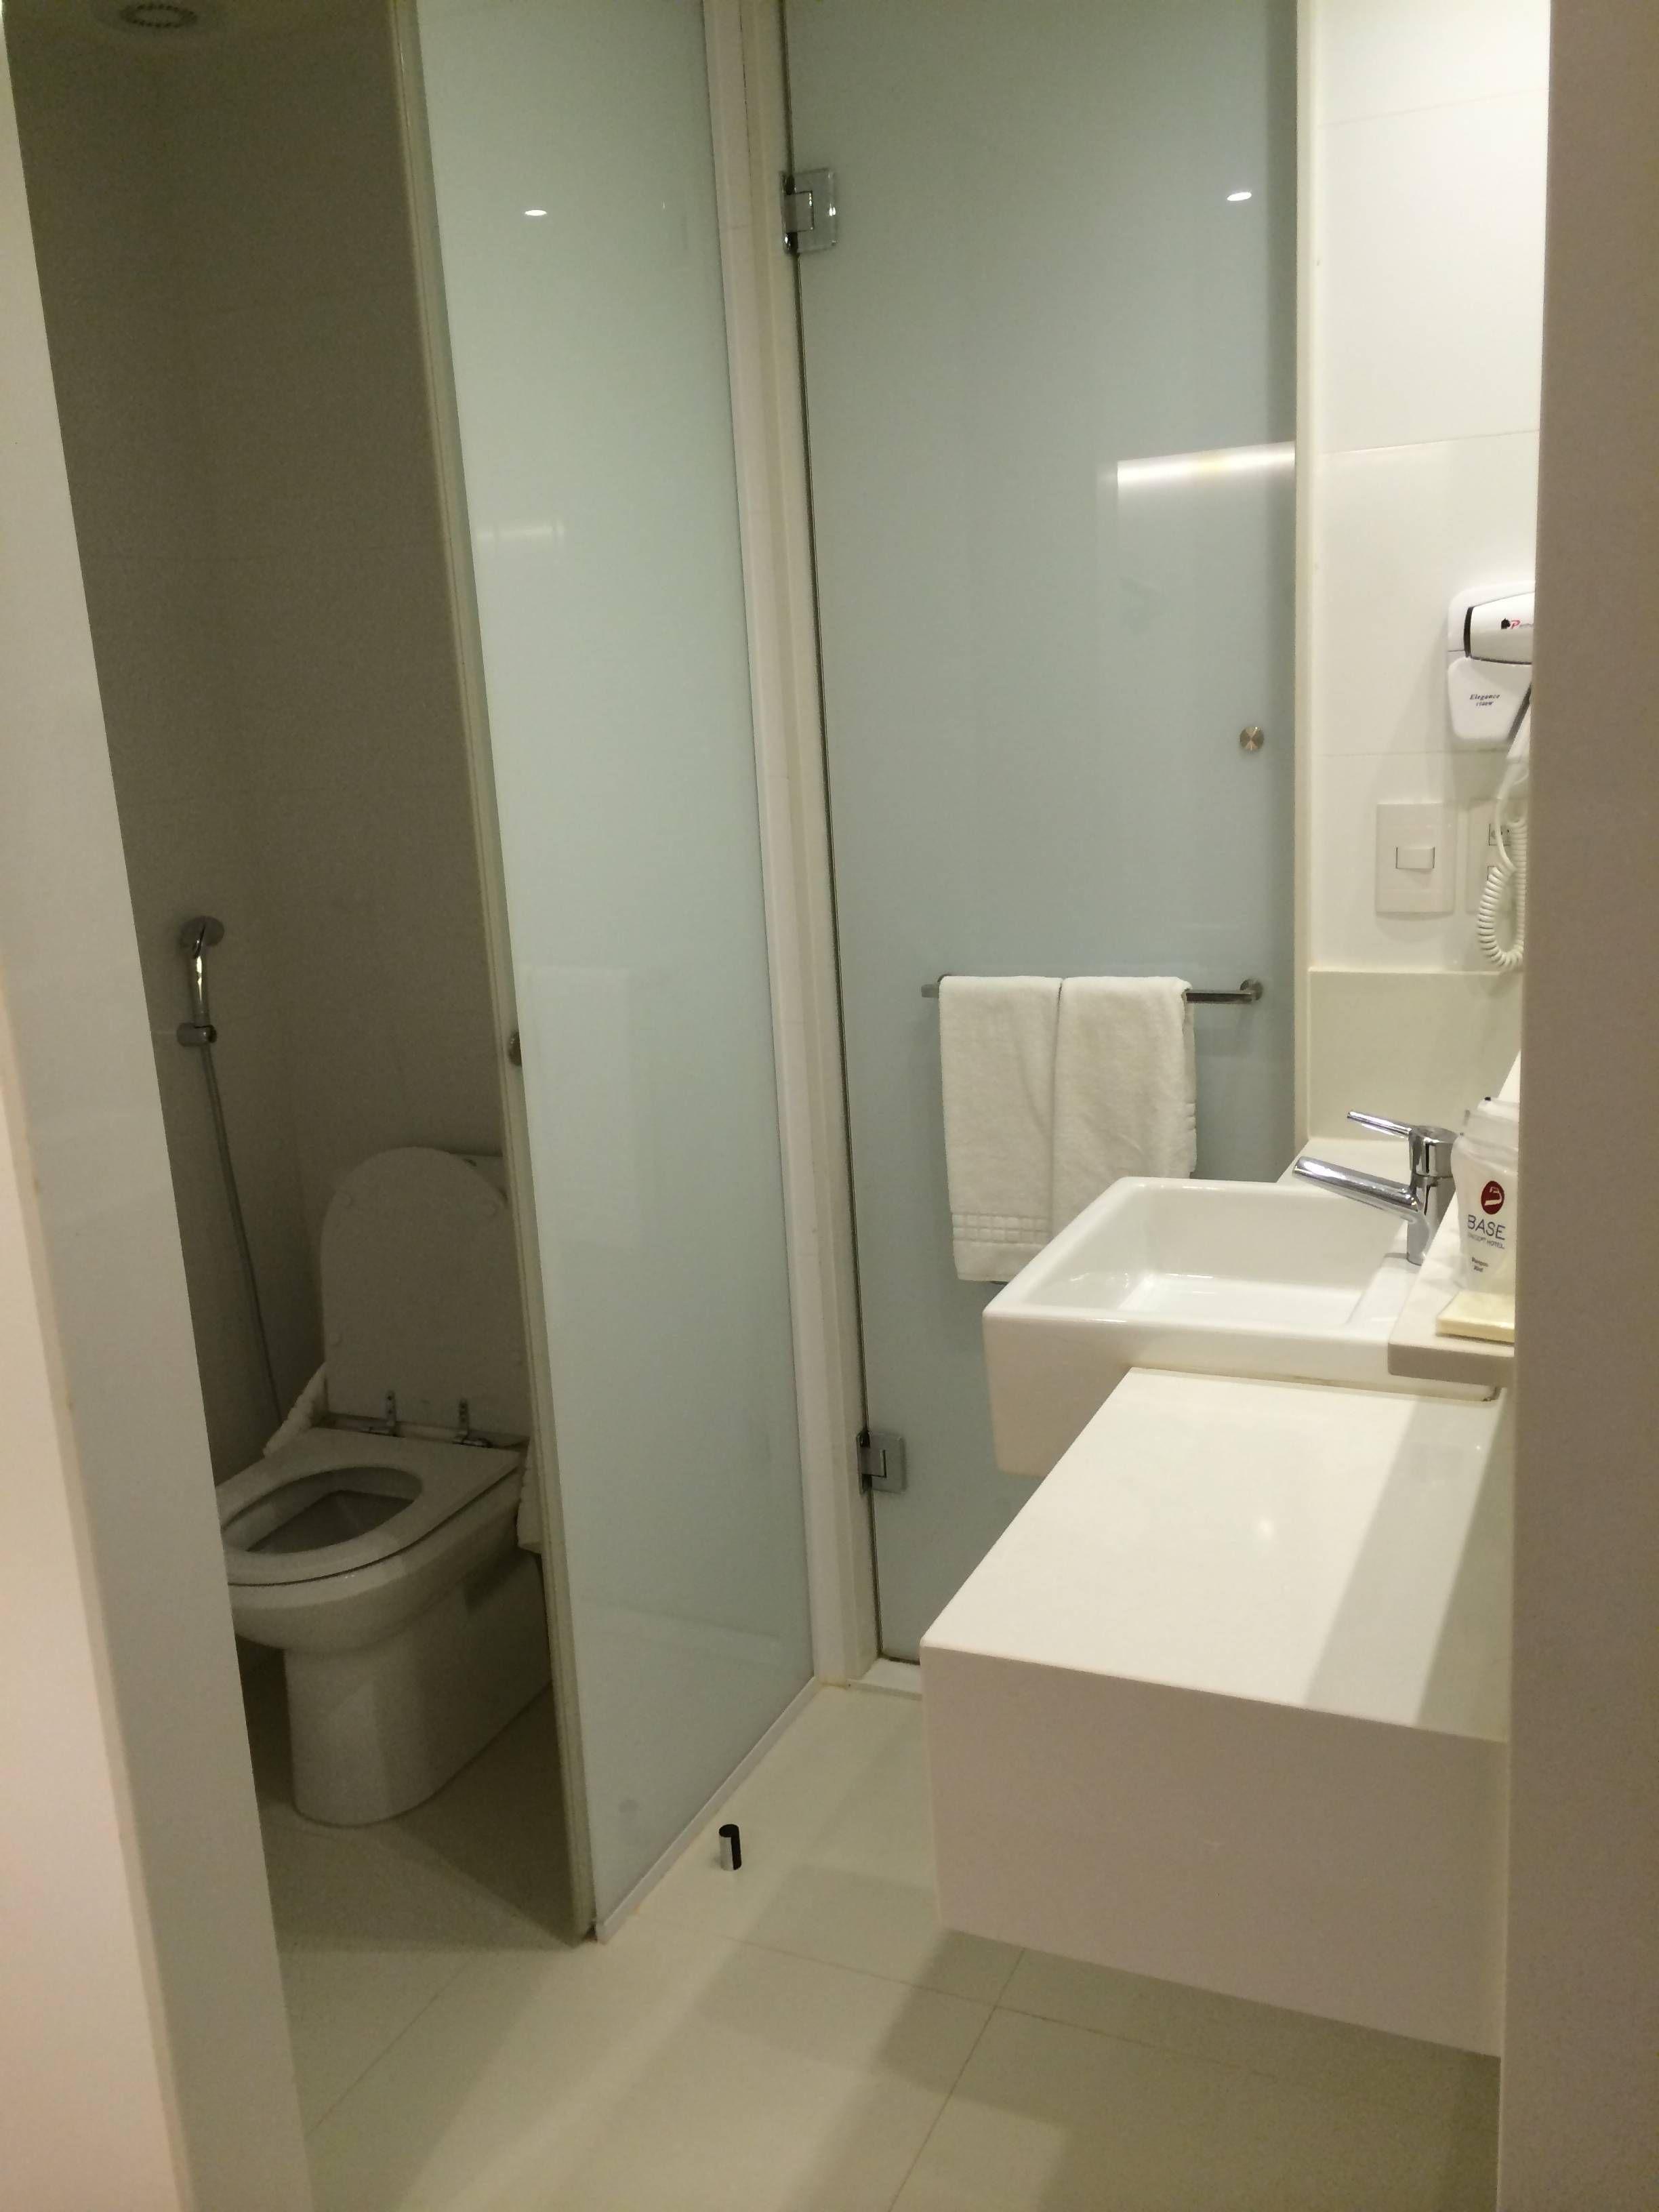 uma área entre o vaso e o box do chuveiro ambos os ambientes tinham  #81774A 2448 3264